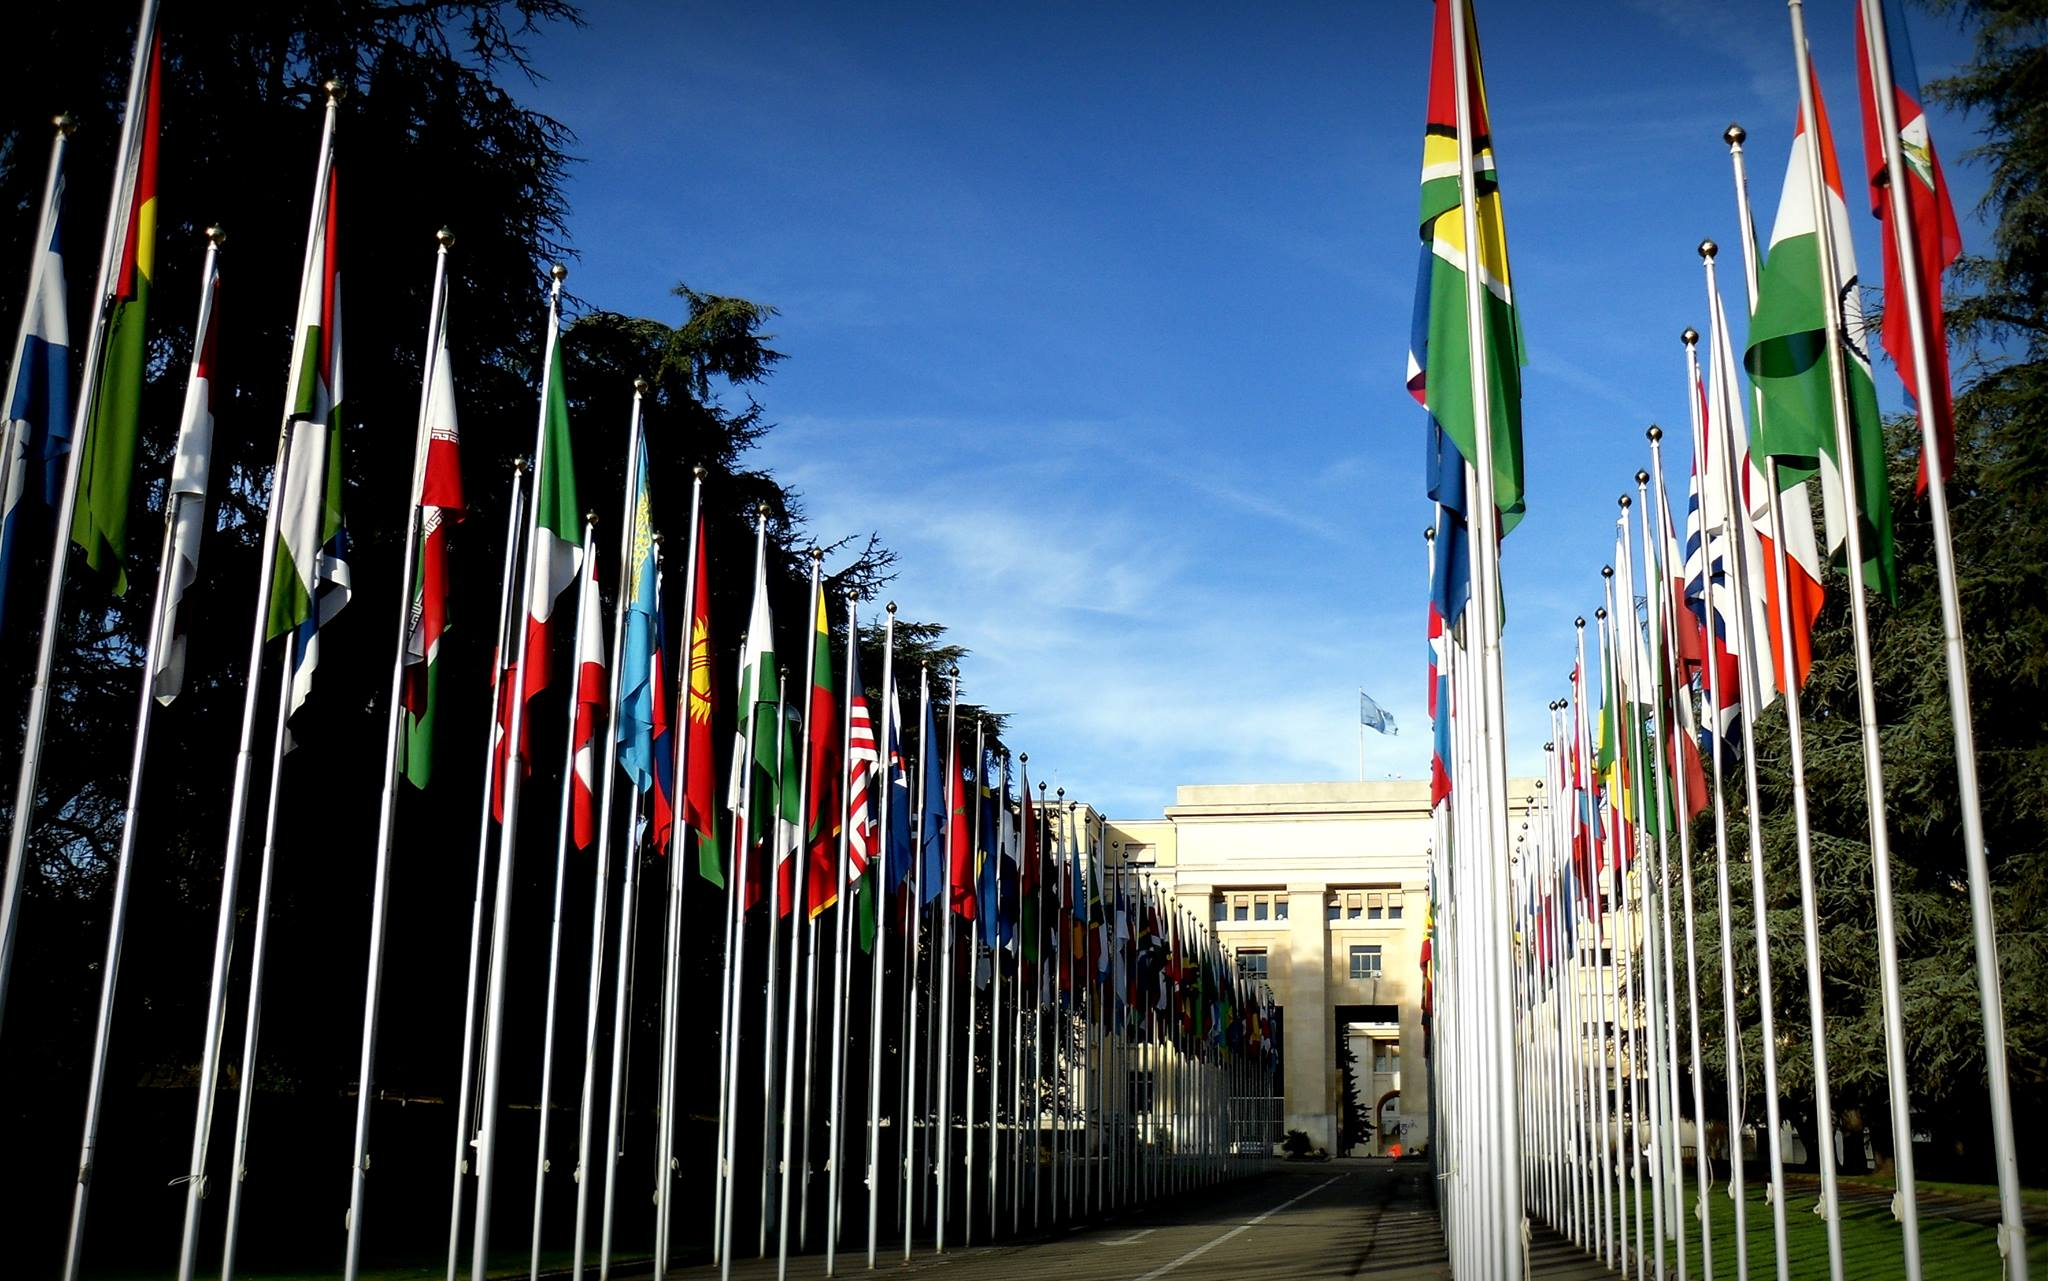 UN Human Rights Council - Cơ chế kiểm điểm nhân quyền UPR của LHQ là dành cho mỗi chúng ta